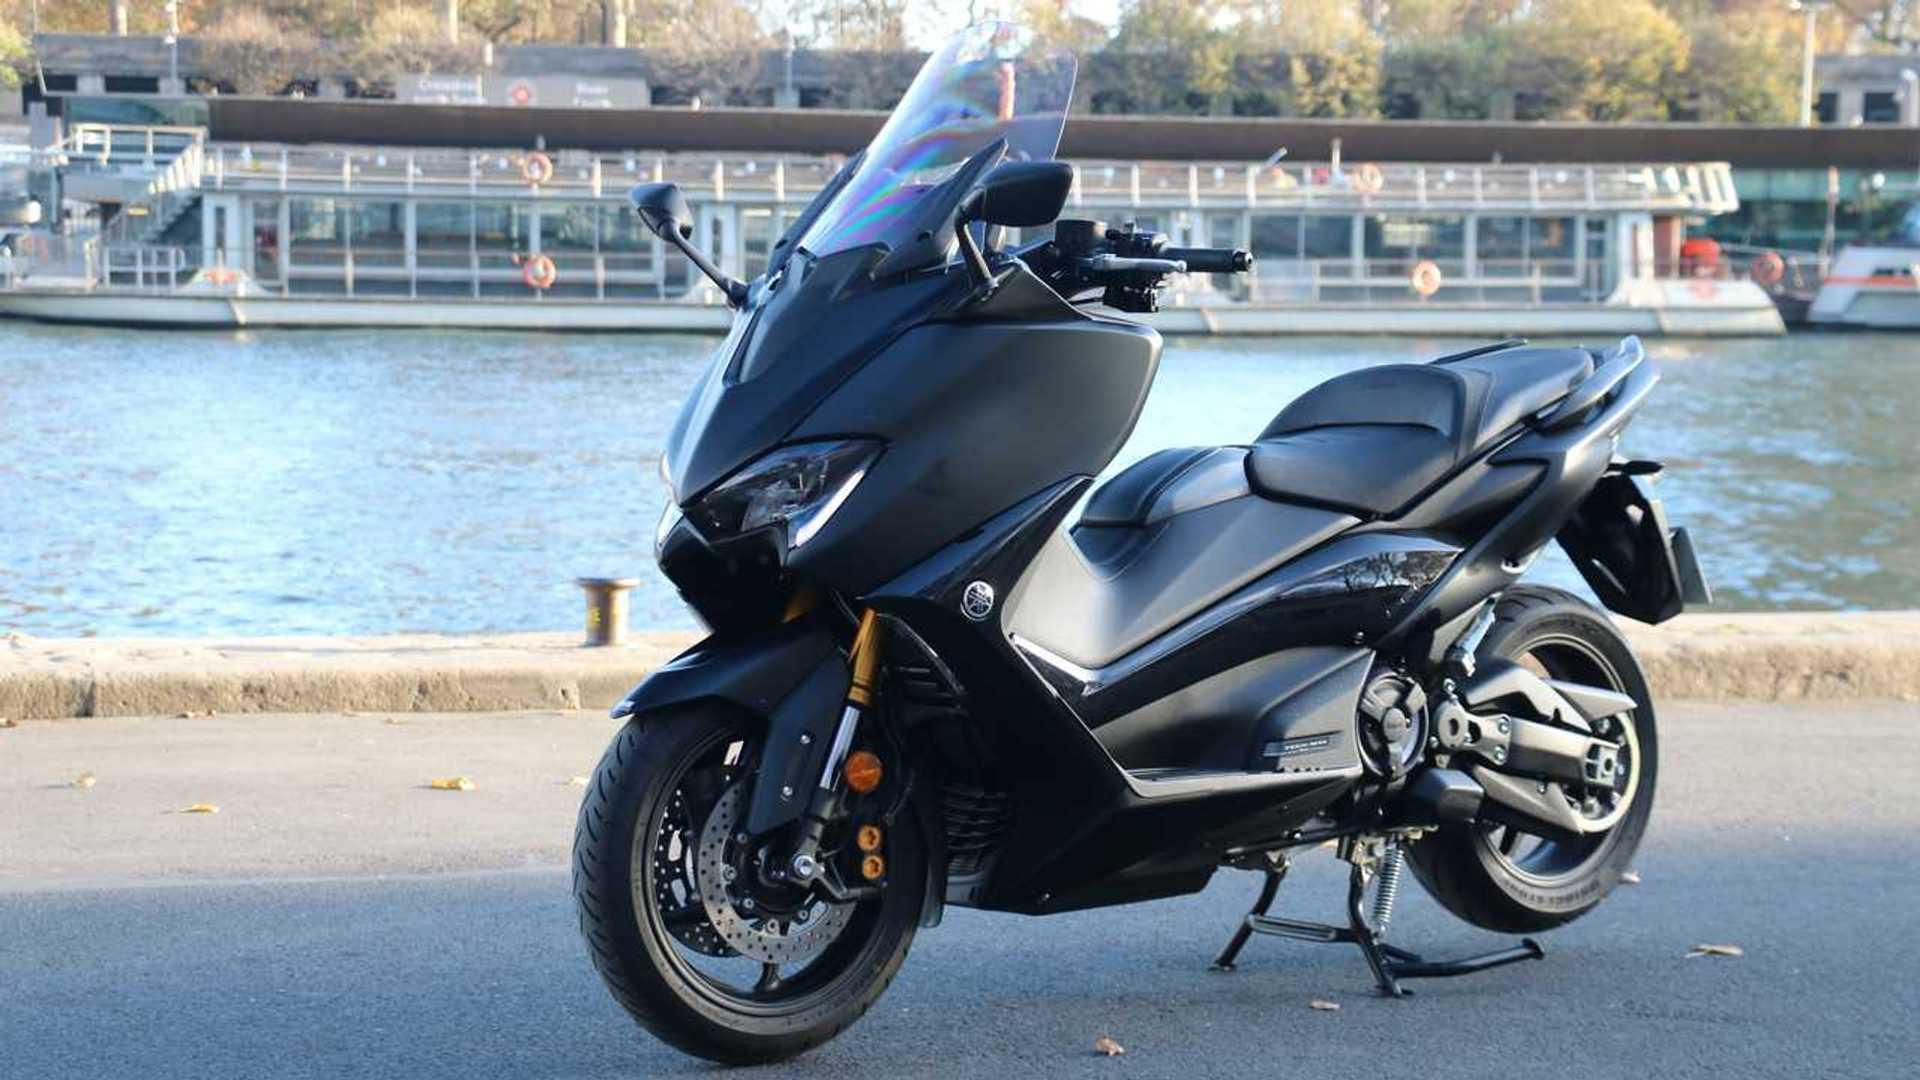 Yamaha TMax 560 2020 [essai] Essai-yamaha-tmax-560-2020